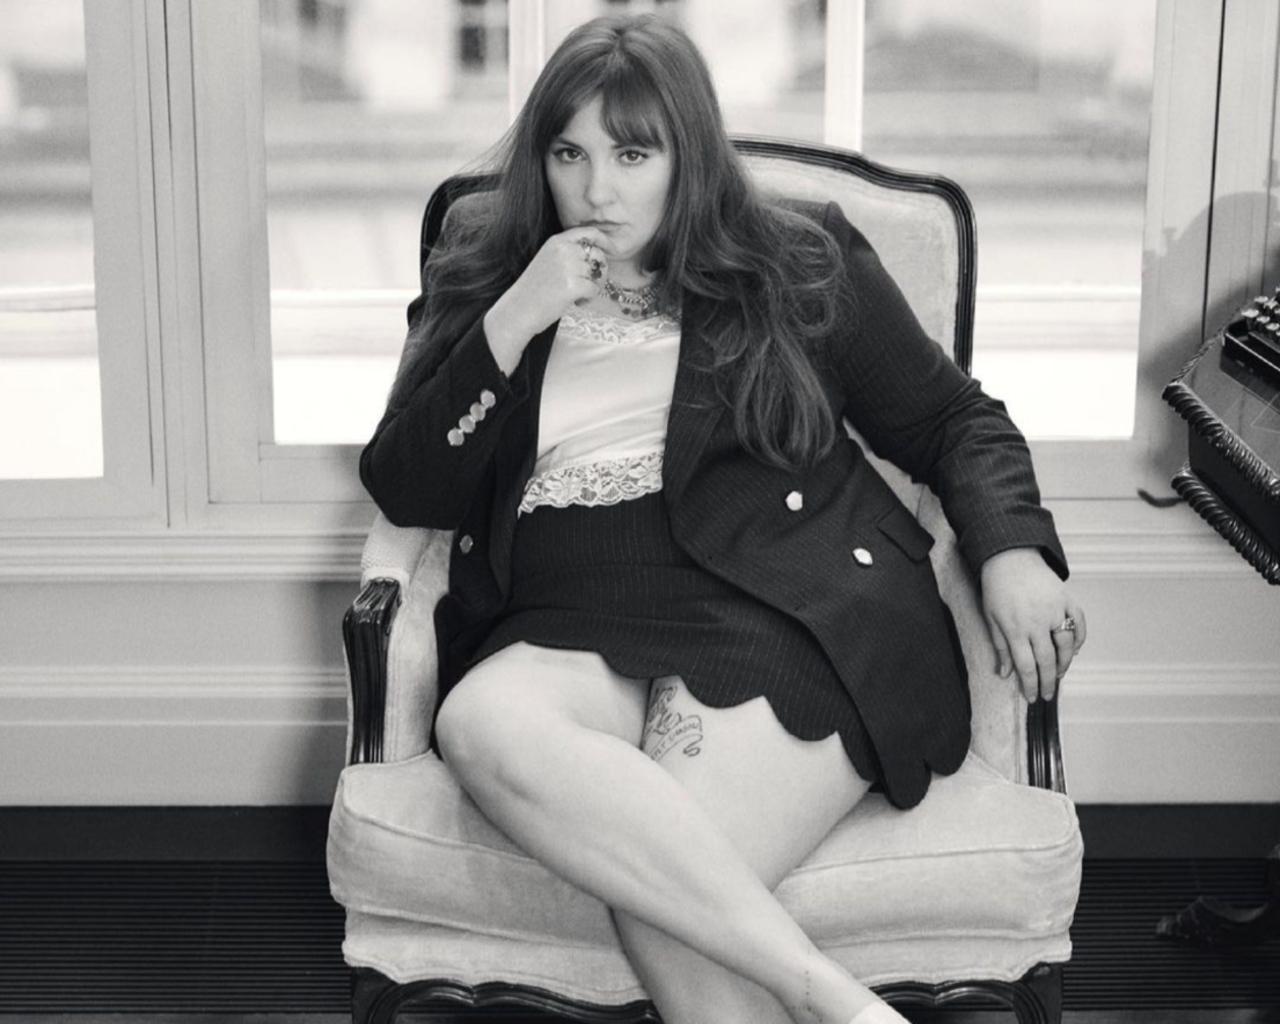 11 Honoré x Lena Dunham